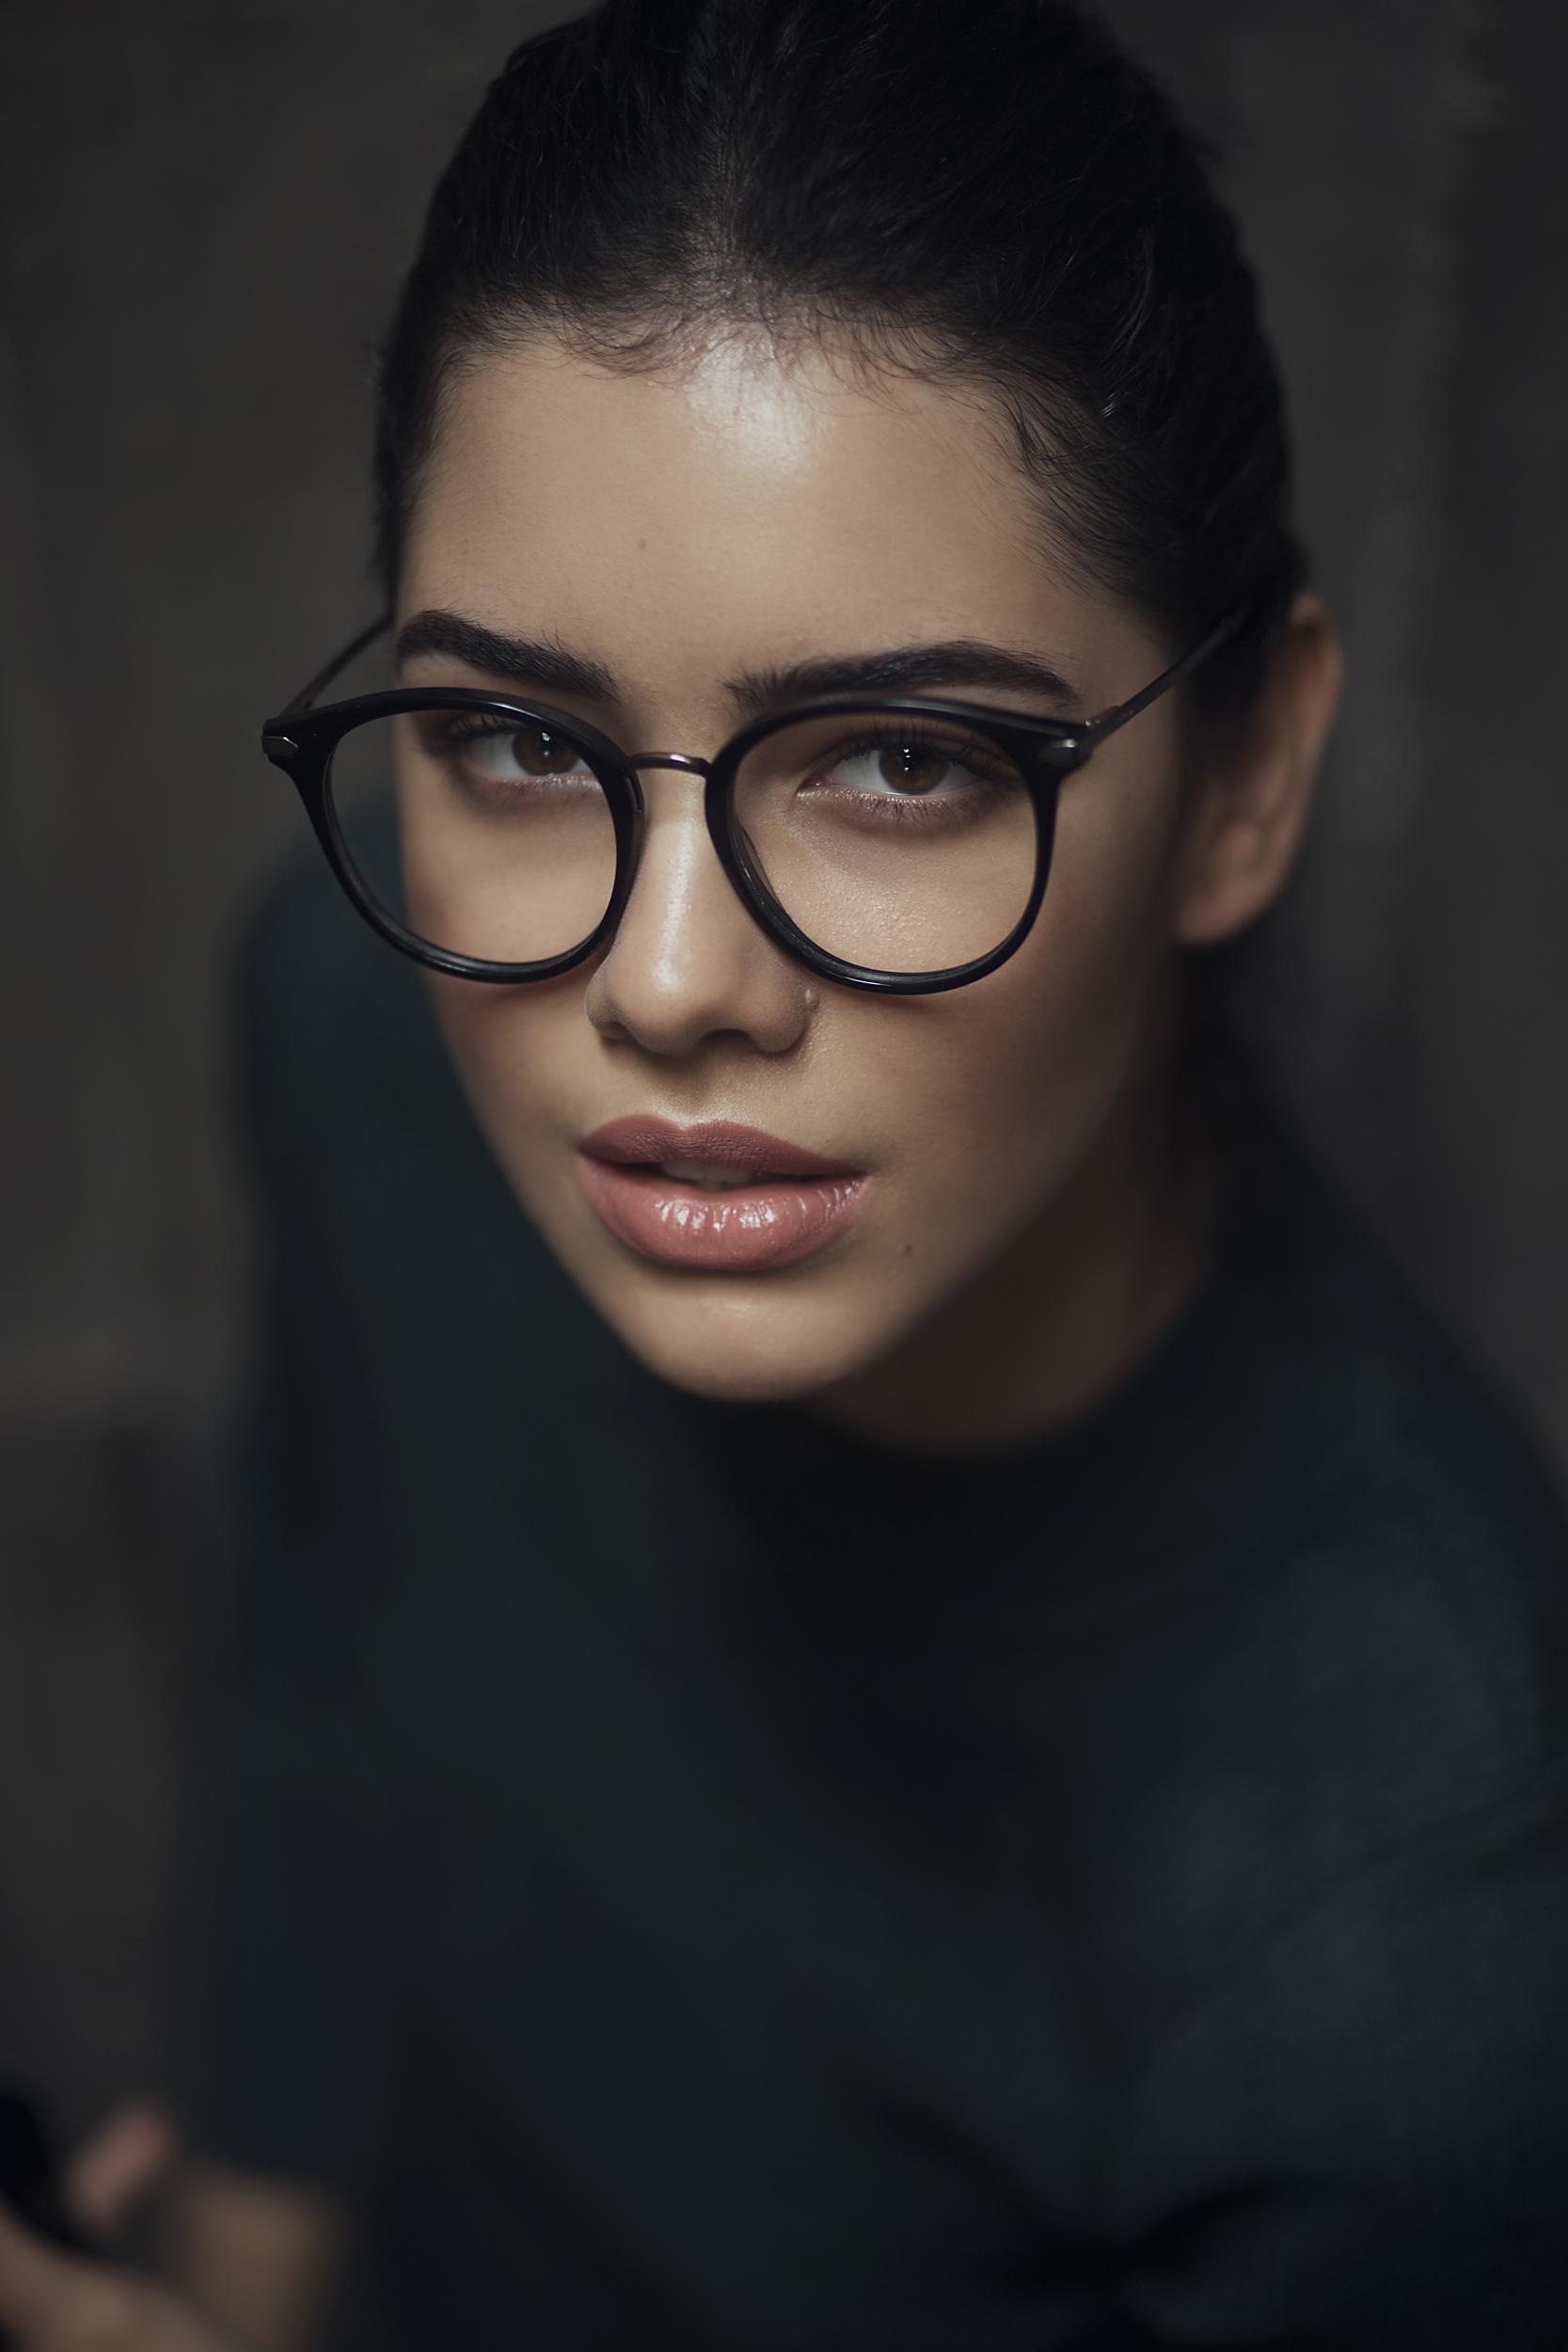 Images Gratuites Femme Femelle Maquette Couleur Mode Noir Monochrome Dame Coiffure